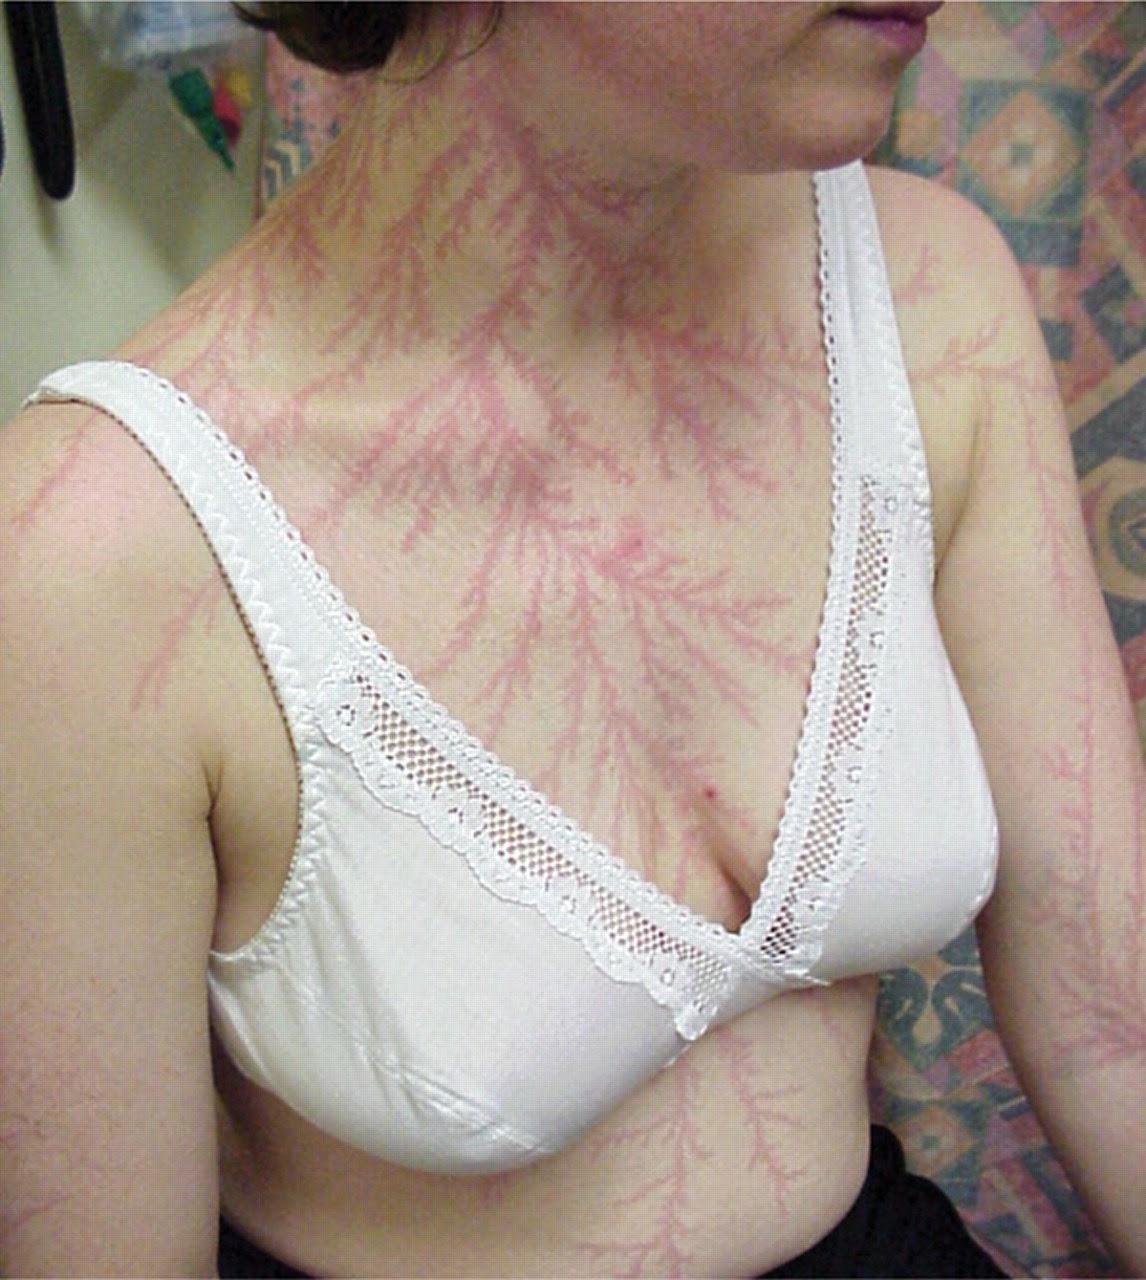 figures de Lichtenberg sur la peau d'une personne foudroyée